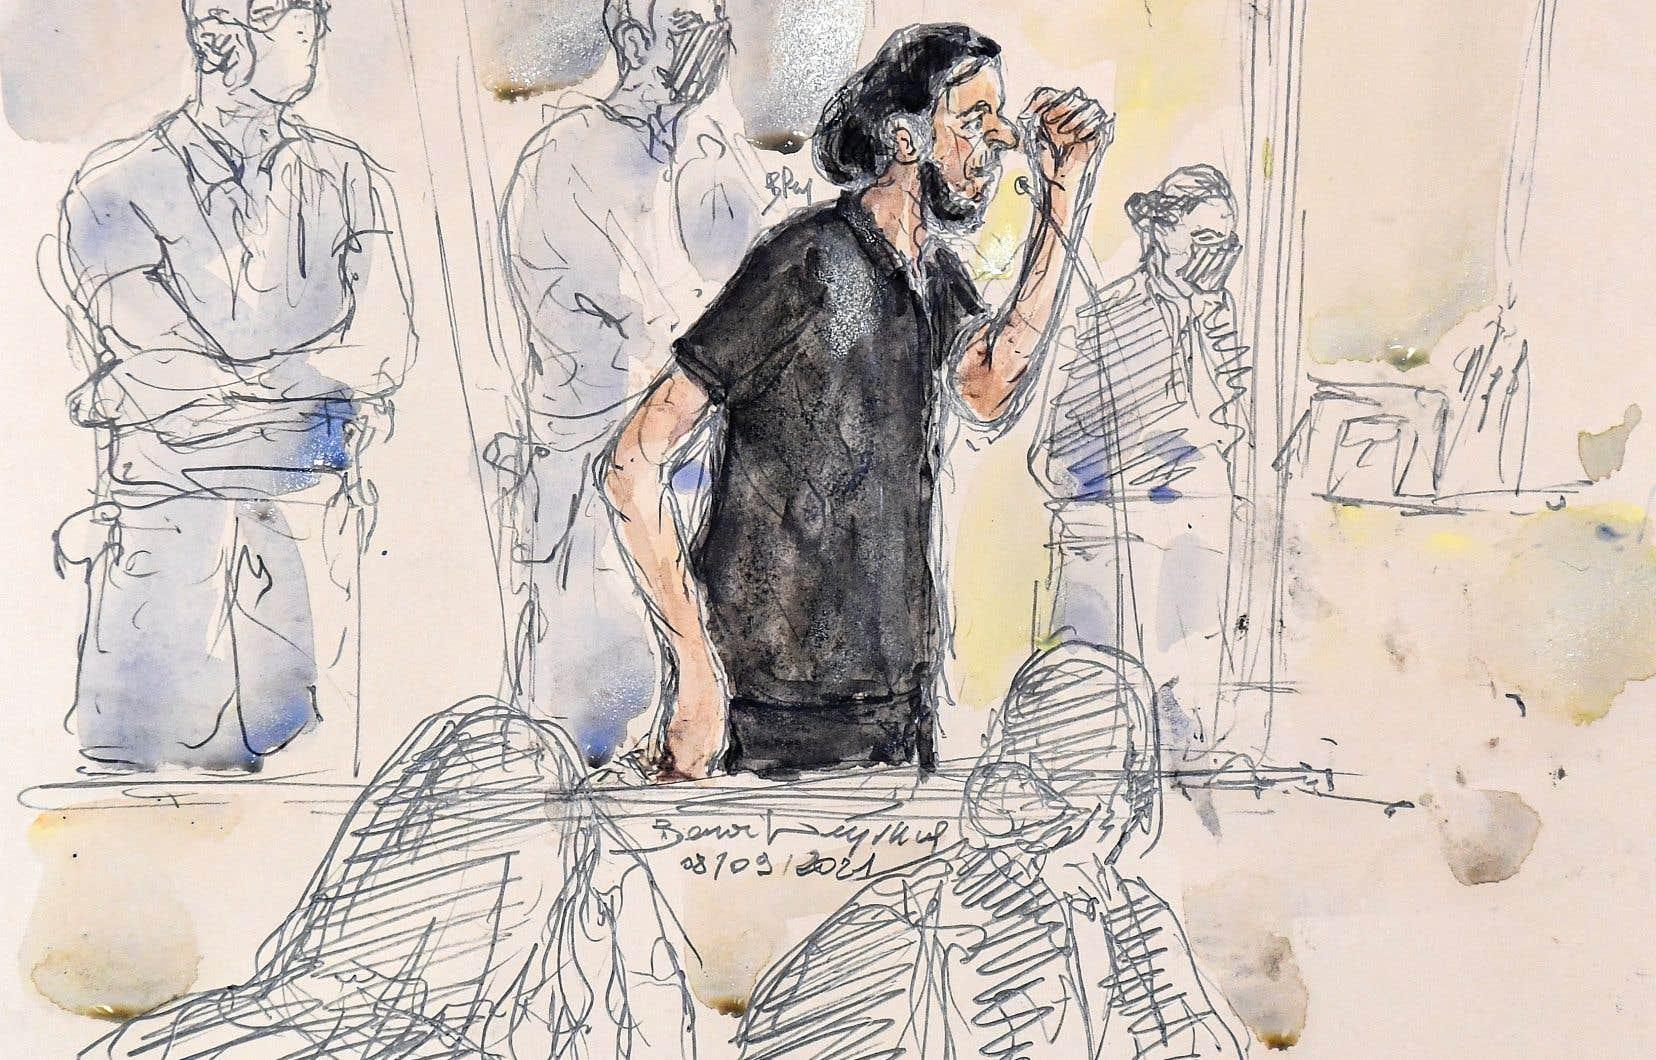 Salah Abdeslam, est le seul membre encore en vie des commandos qui ont fait 130 morts et des centaines de blessés à Paris et à Saint-Denis lors des attentats du 13 novembre 2015. Lors de la première journée du procès, il a interrompu le président de la cour, Jean-Louis Périès, pour dénoncer ses conditions de détention et celles de ses coaccusés.